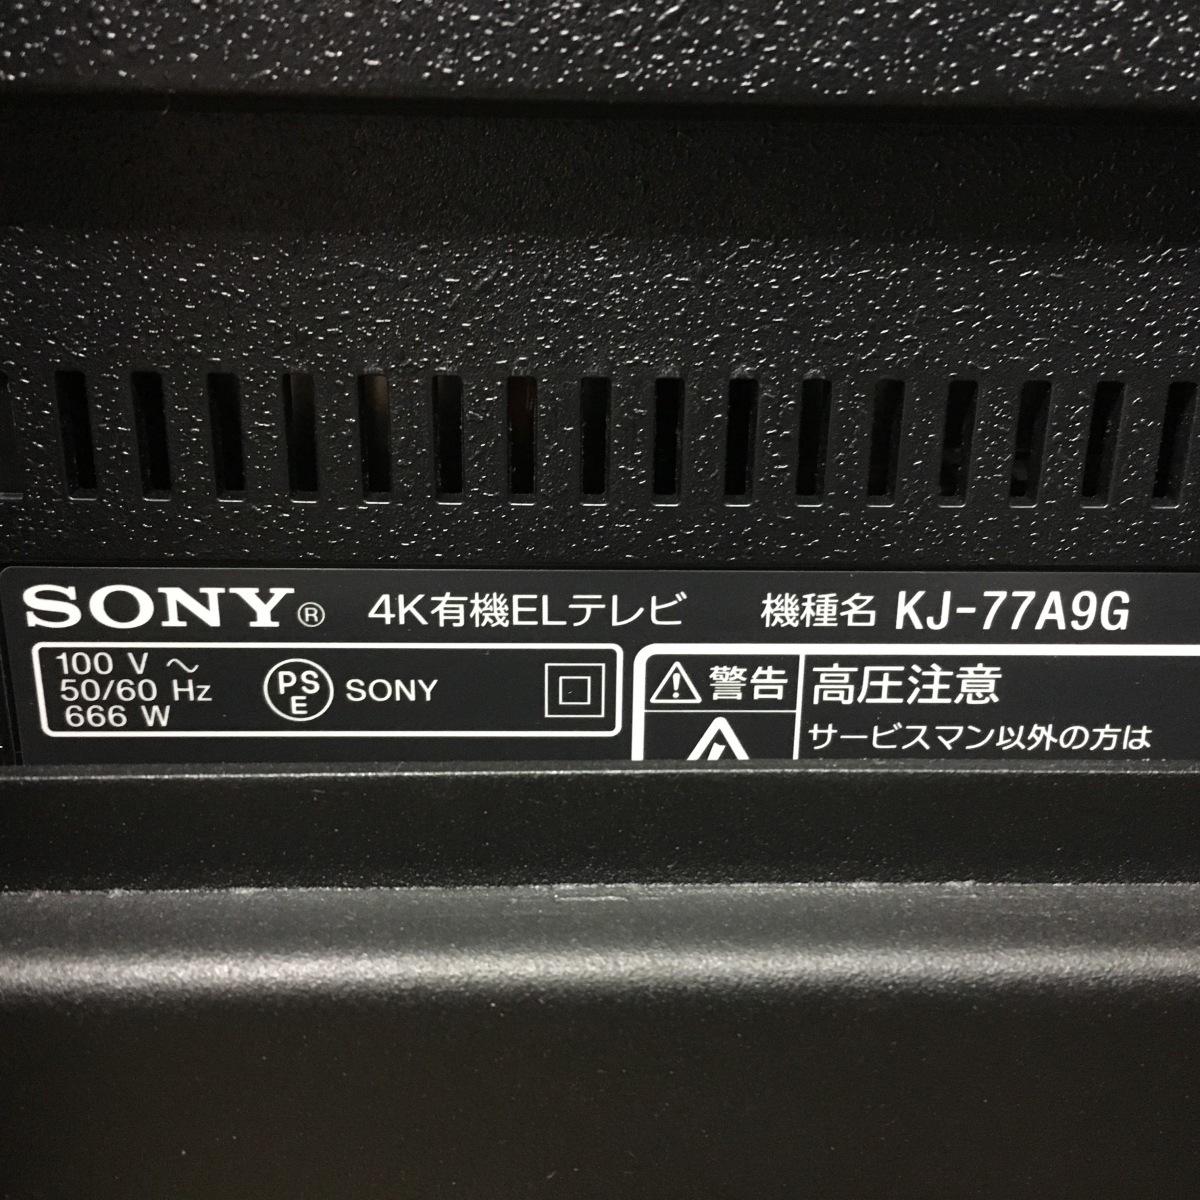 ☆ 直接限定☆ SONY ソニー BRAVIA 77インチ 4K有機ELテレビ KJ-77A9G 2020年製 スタンド付き☆【16257】_画像6